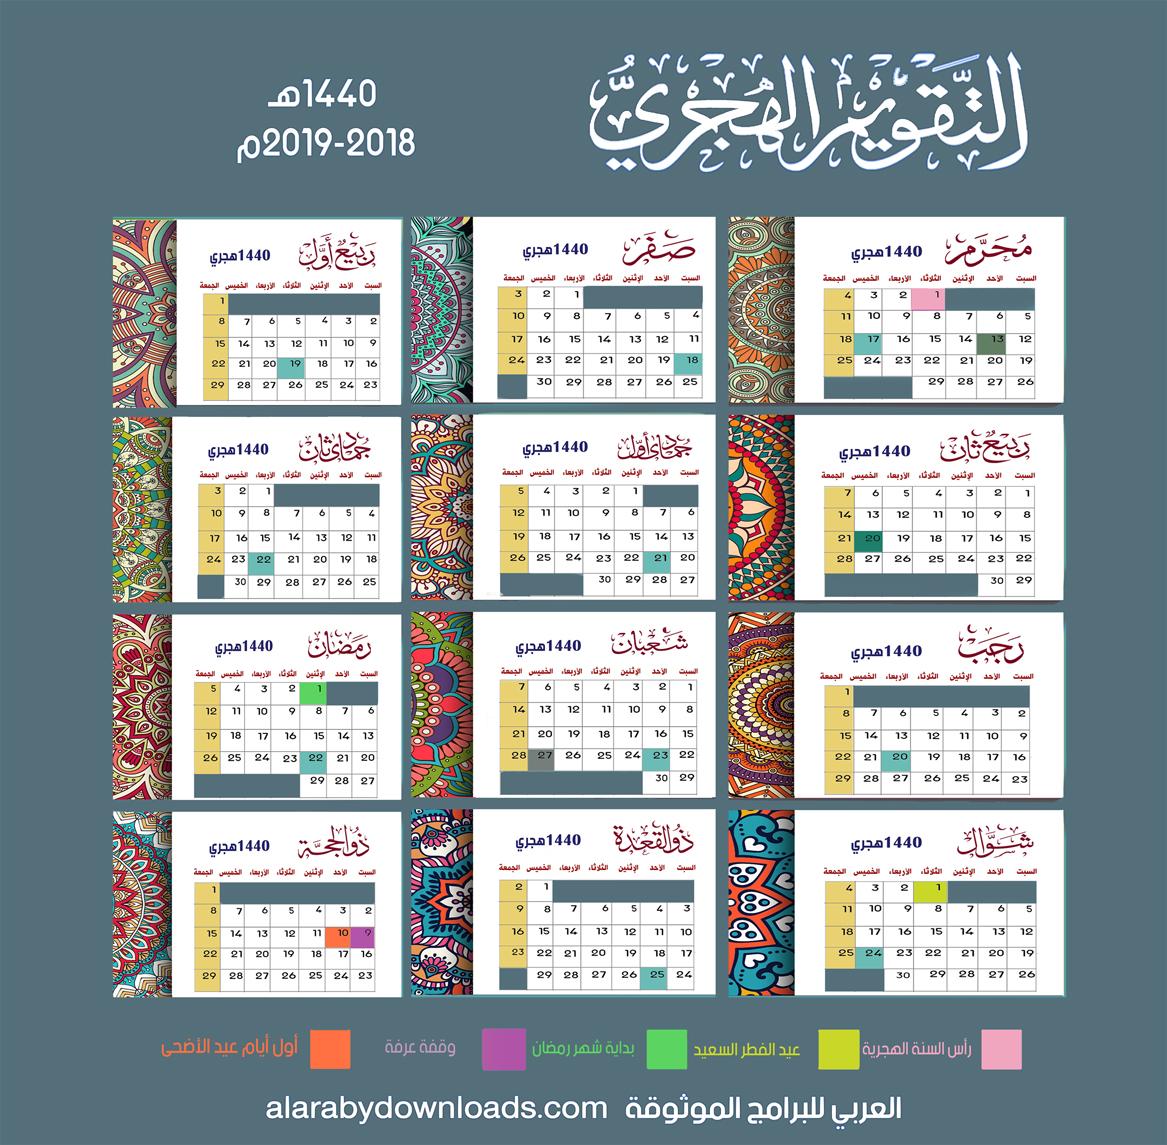 التقويم الهجري لعام 1440 هجري صورة للكمبيوتر - خاص بالإجازات والمناسبات الإسلامية